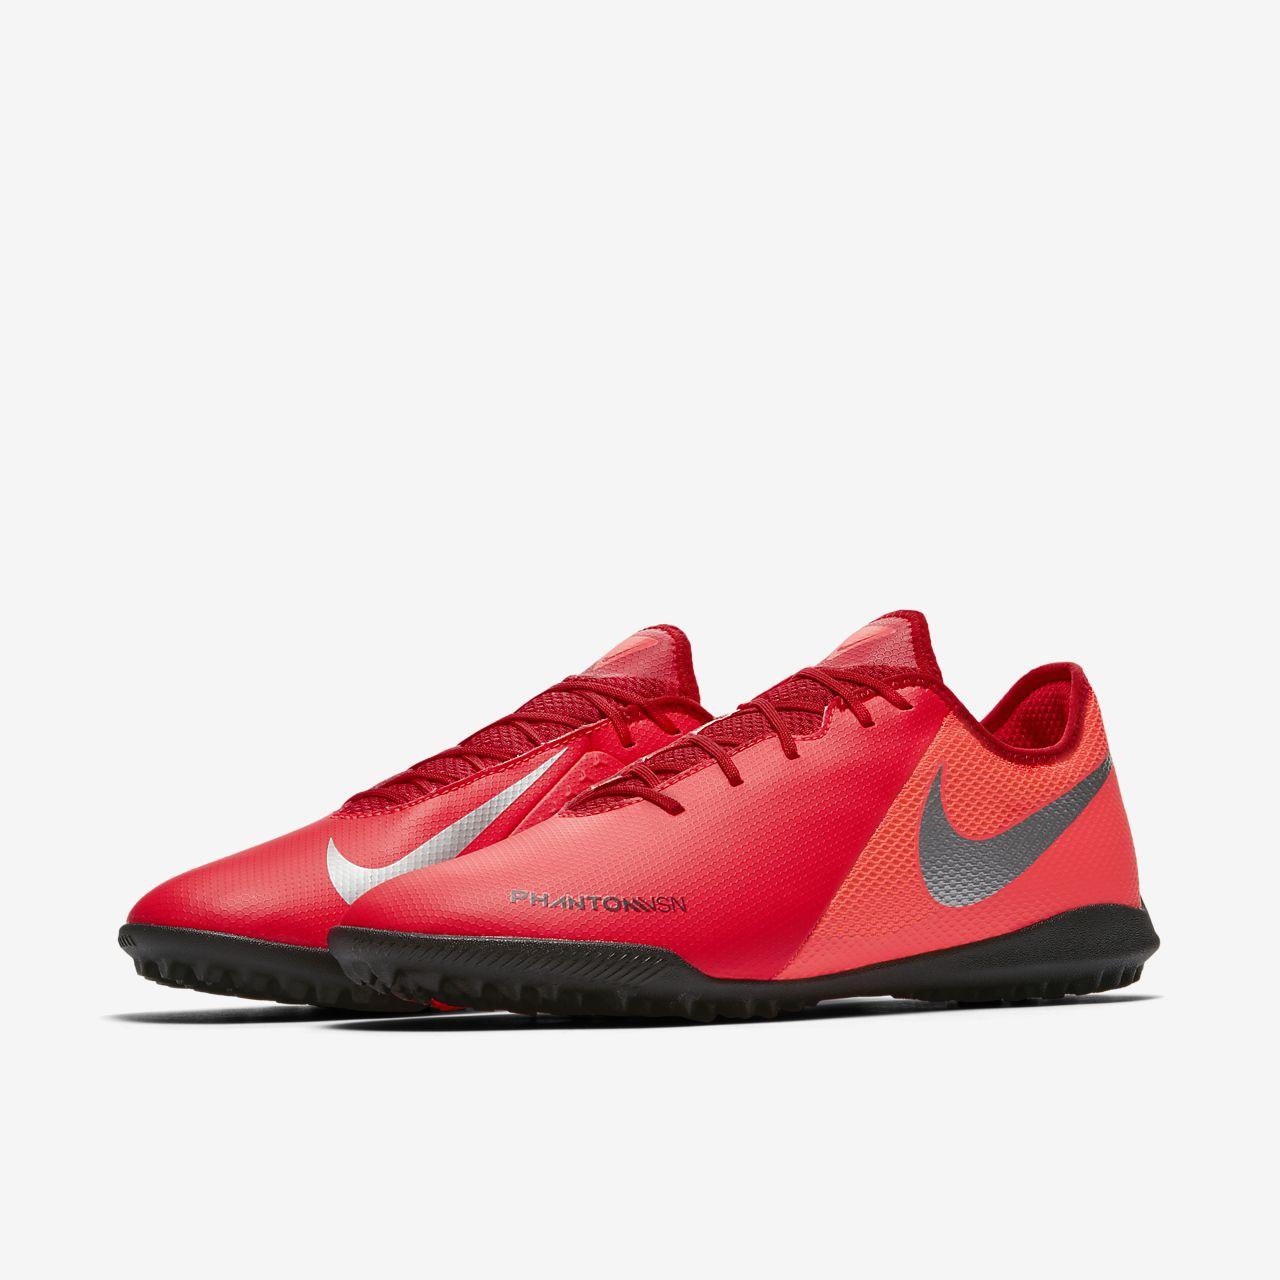 d9adb0bf044ef ... Calzado de fútbol para terreno artificial Nike Phantom Vision Academy